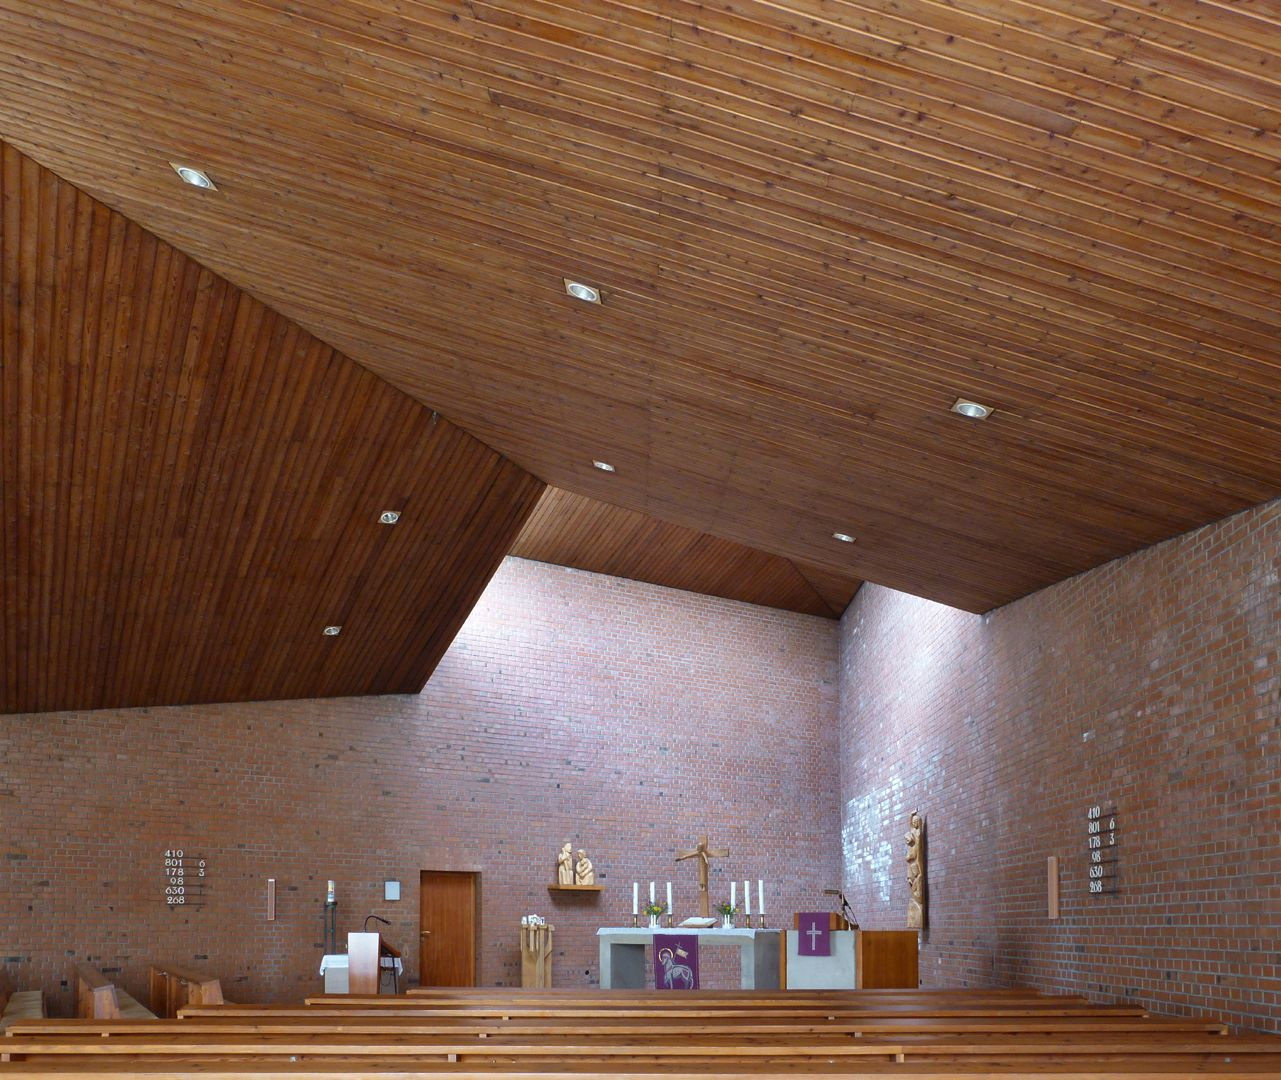 Himmelfahrtskirche Kirchenraum